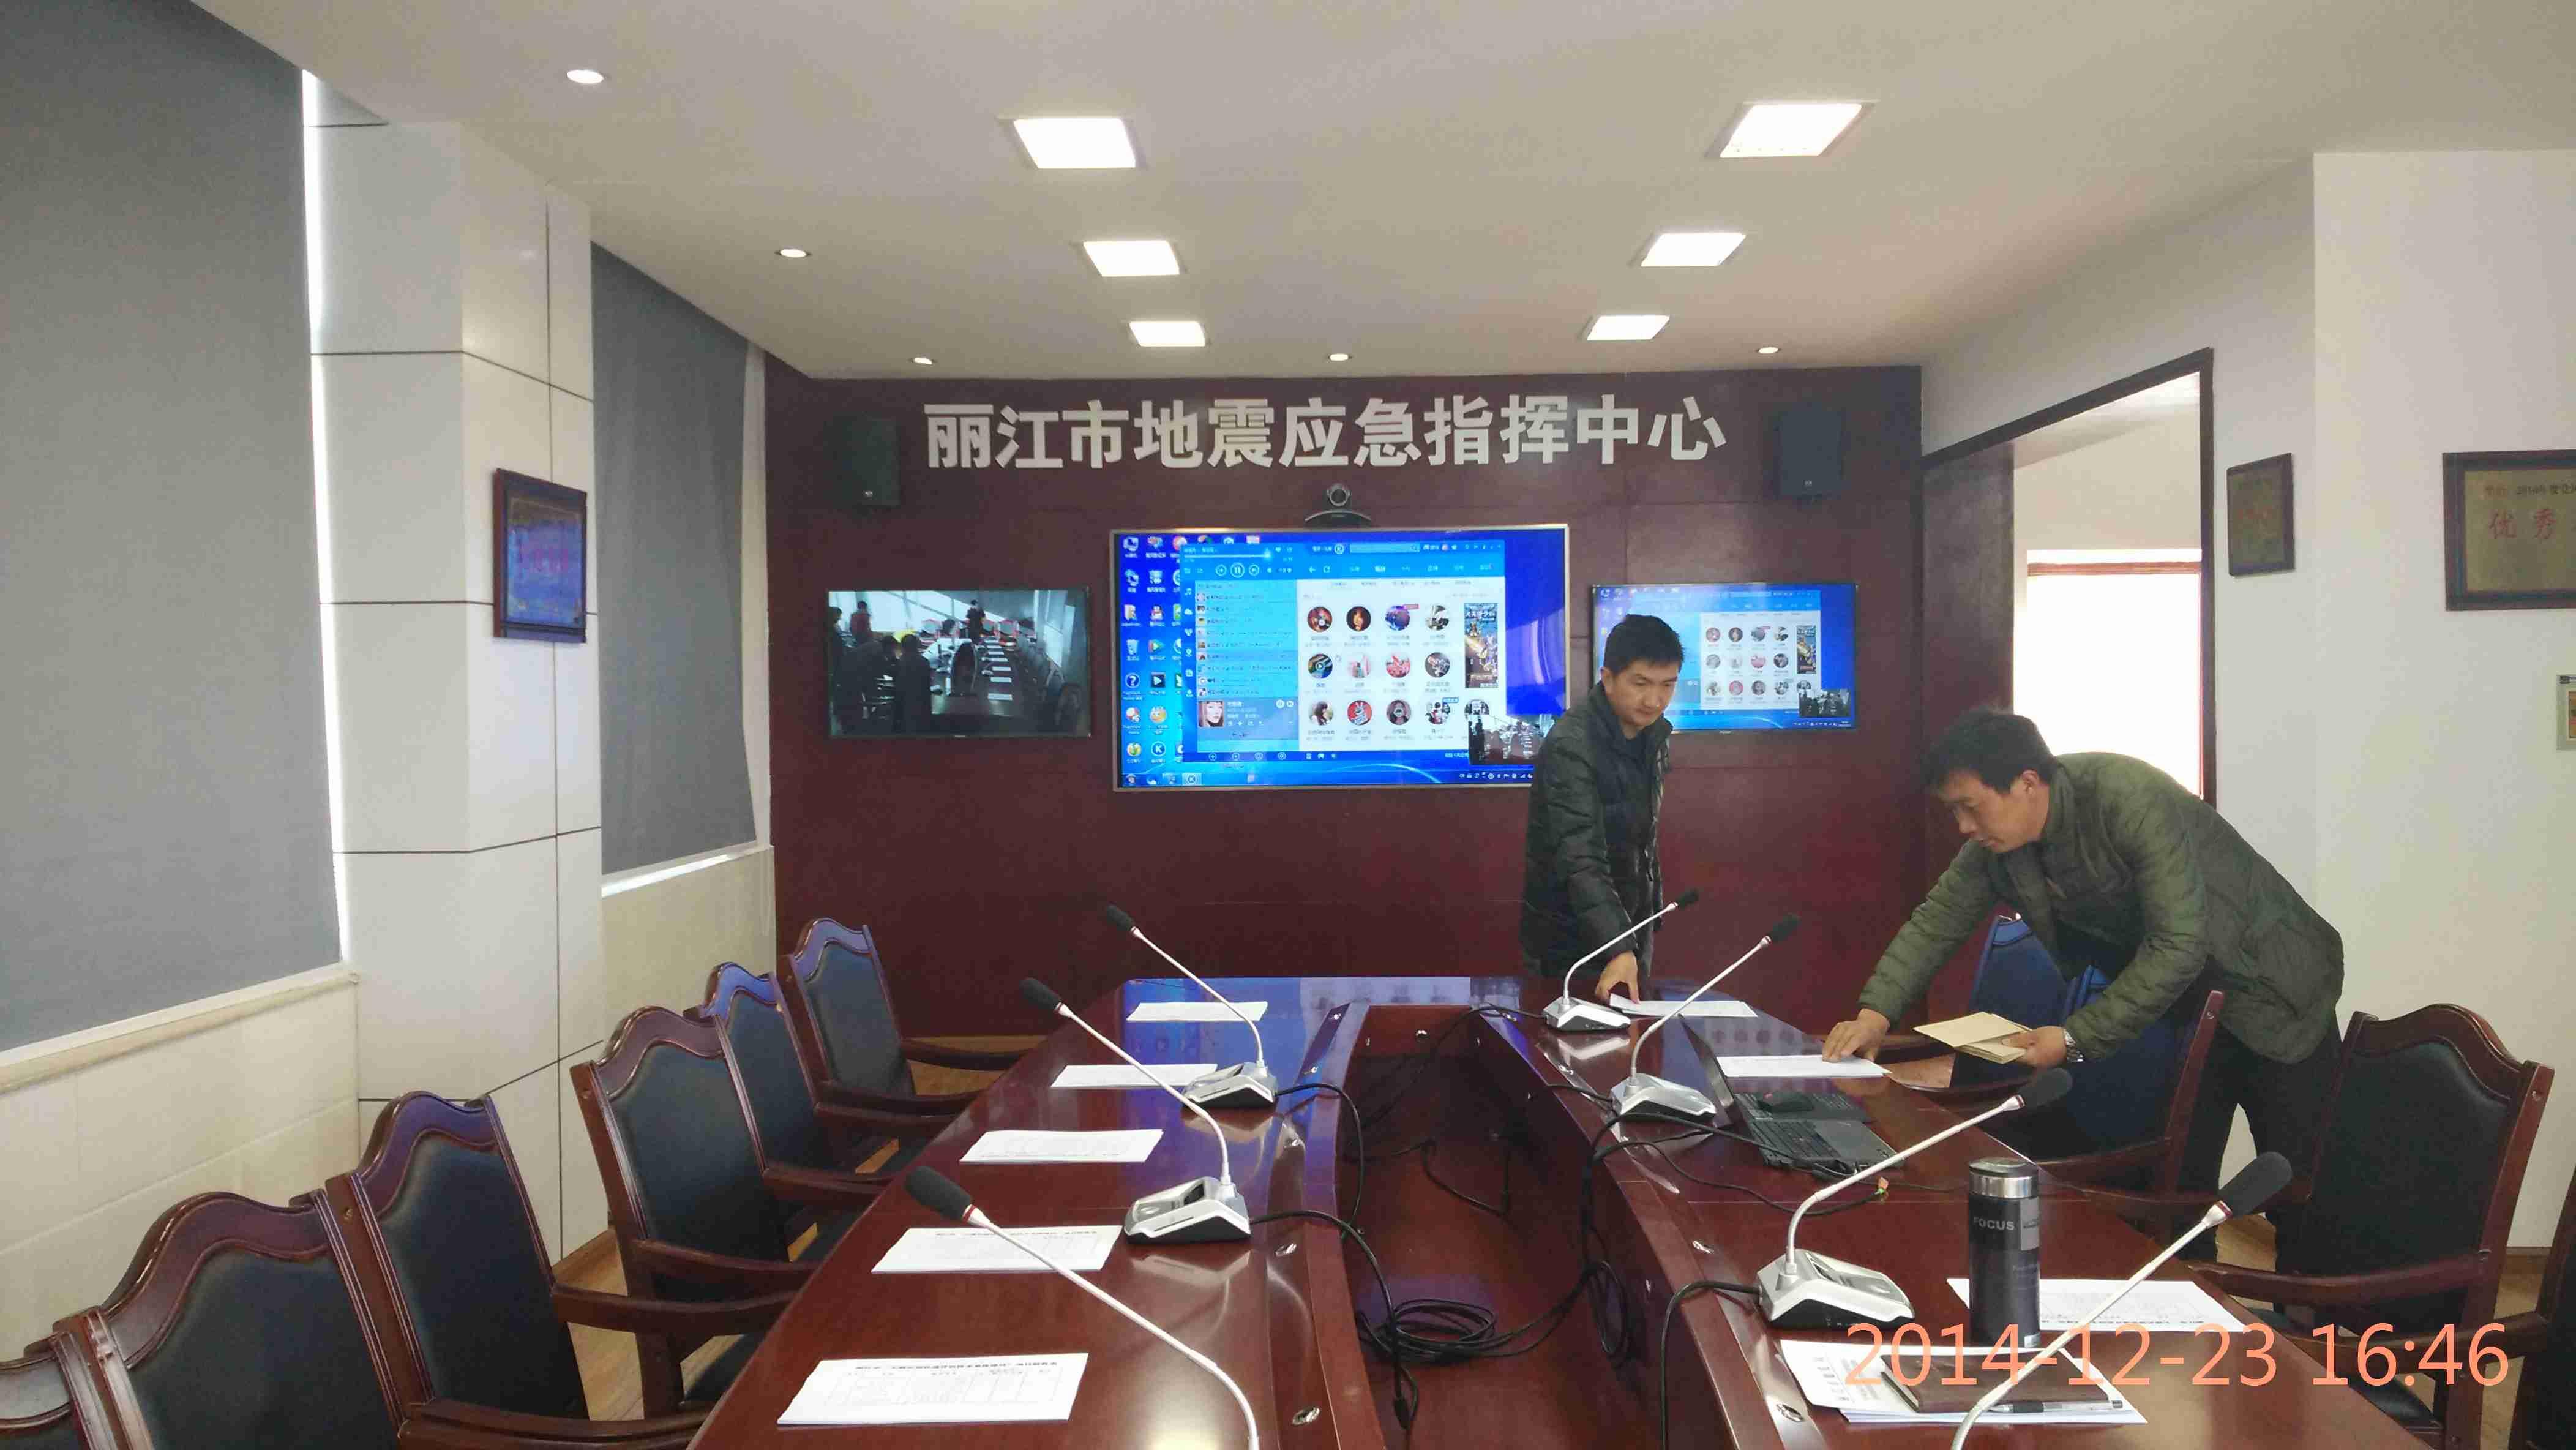 麗江地震局、資源交易中心網絡視頻會議系統